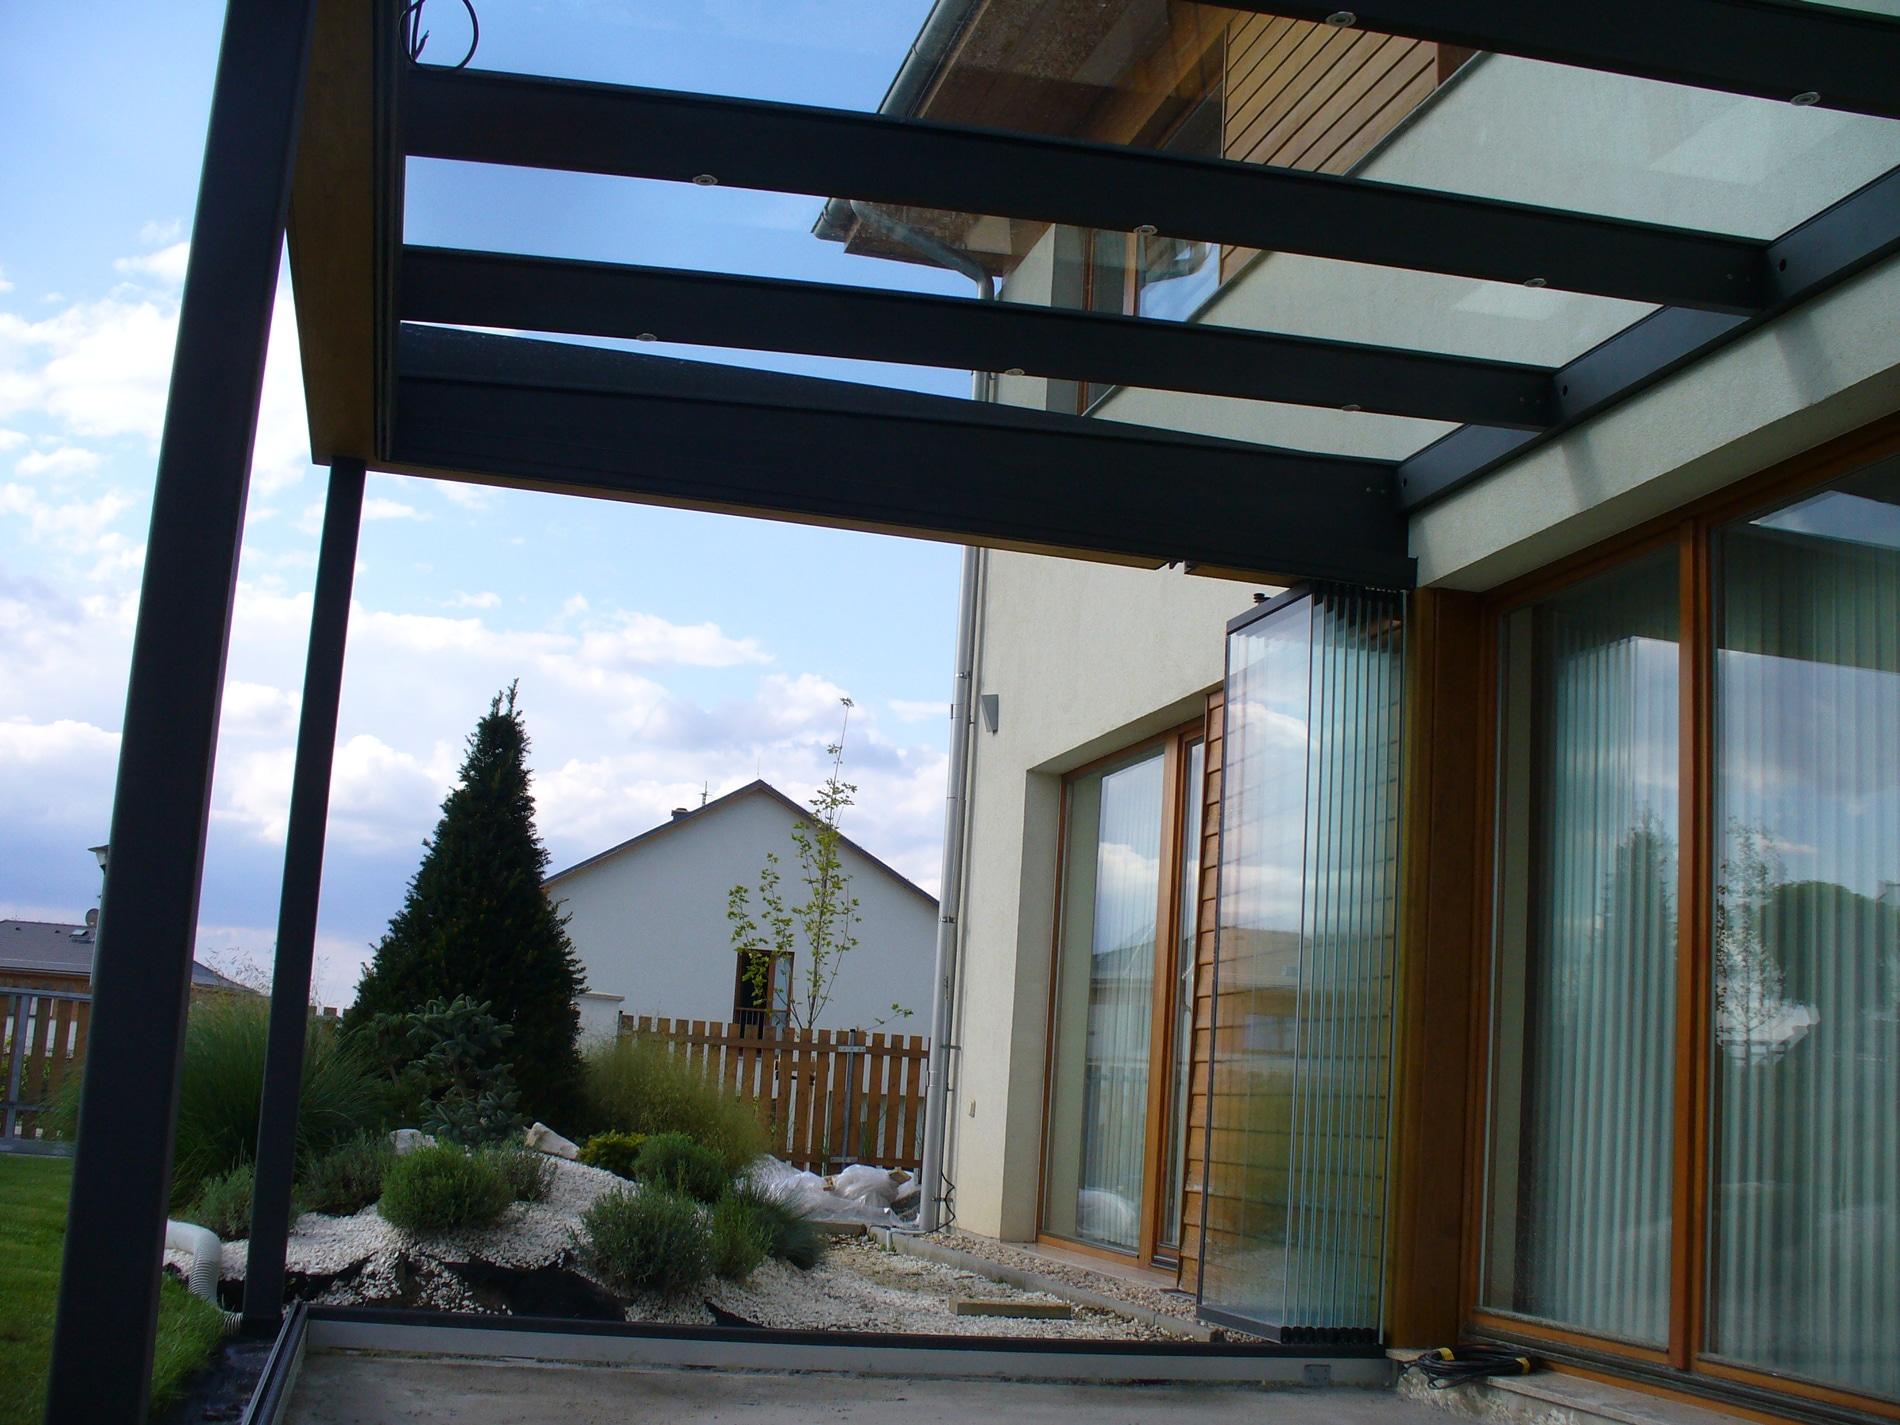 Terrassenüberdachung mit Schiebe-Drehelementen